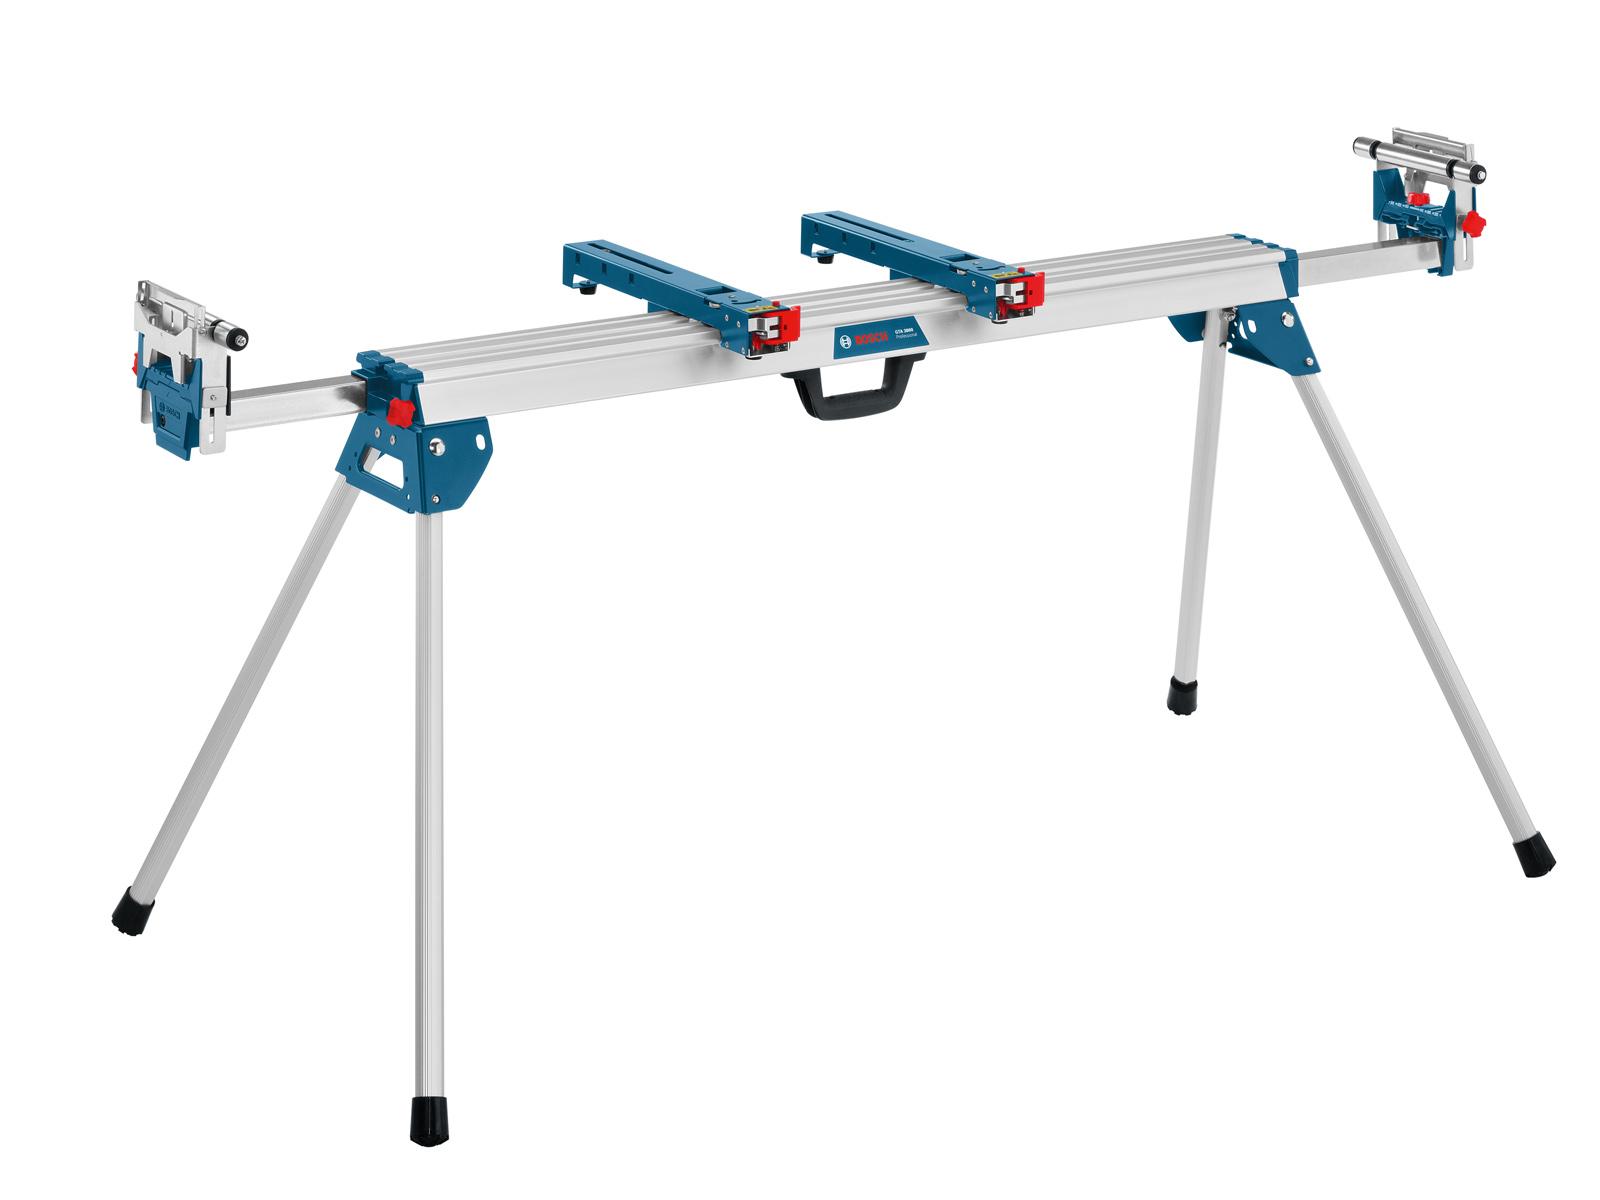 Верстак металлический столярный складной Bosch Gta 3800 стол (0.601.b24.000) верстак bosch pwb 600